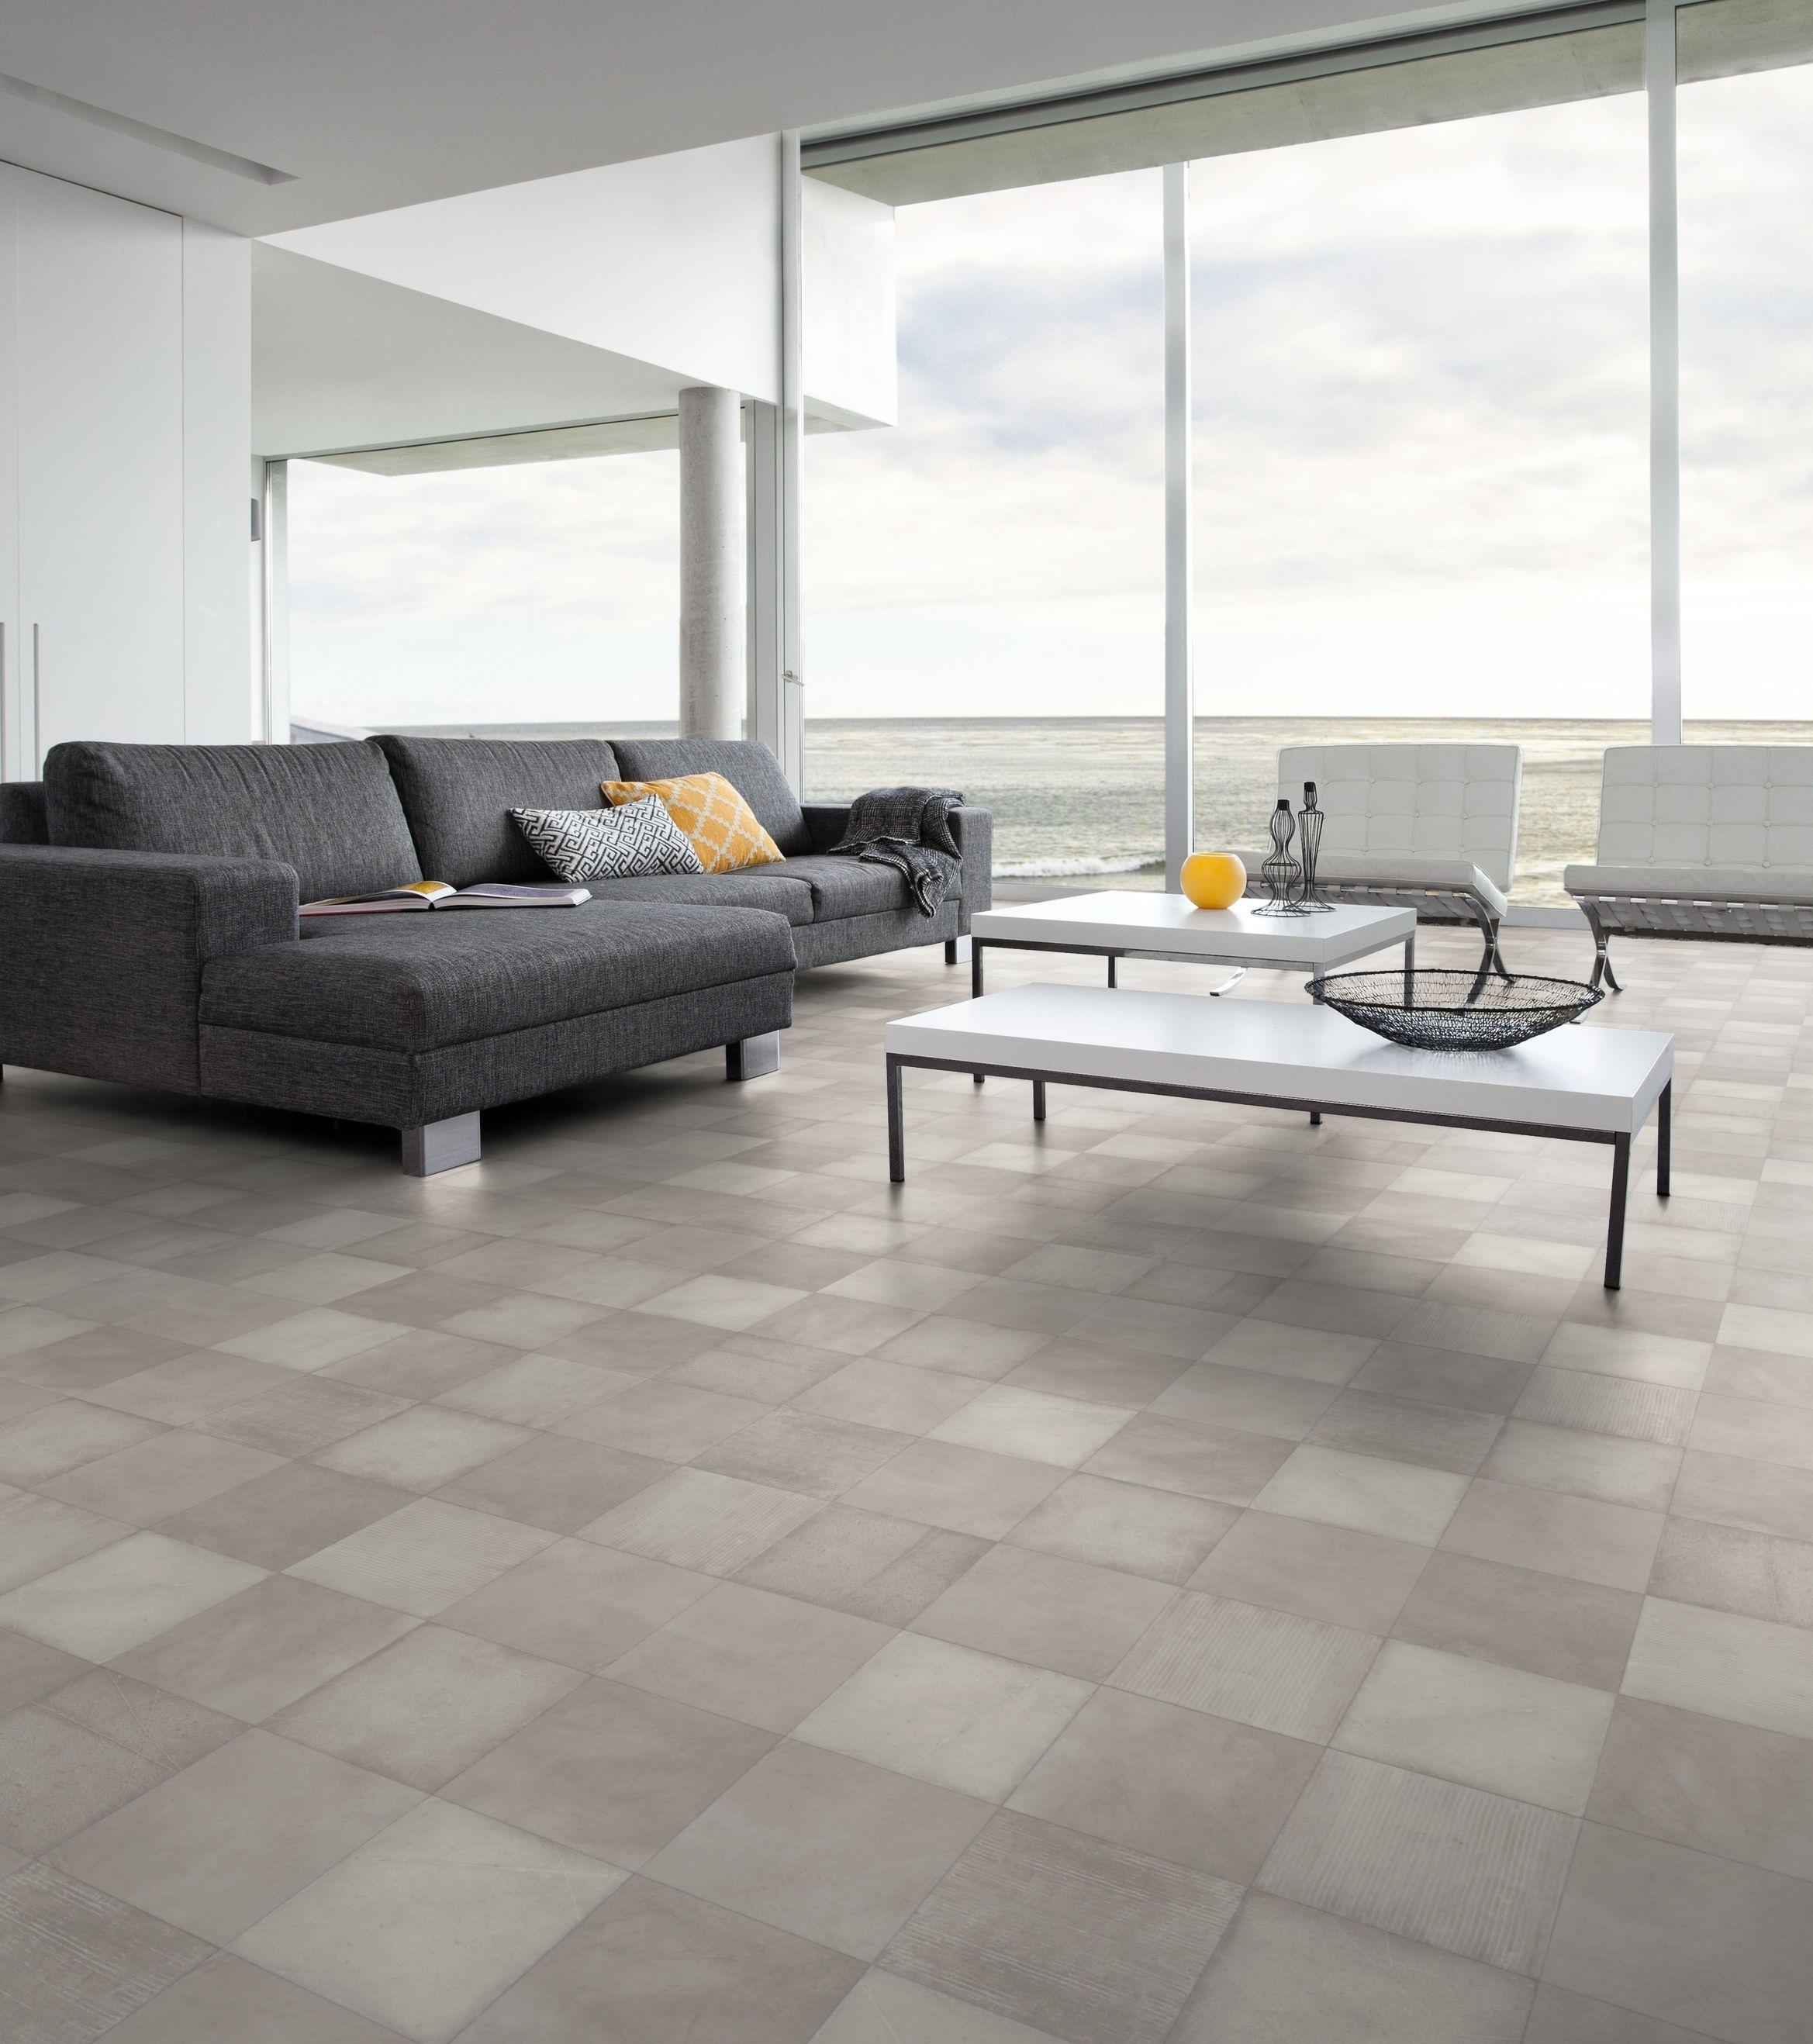 Texline Hqr Gerflor Flooring Mineral